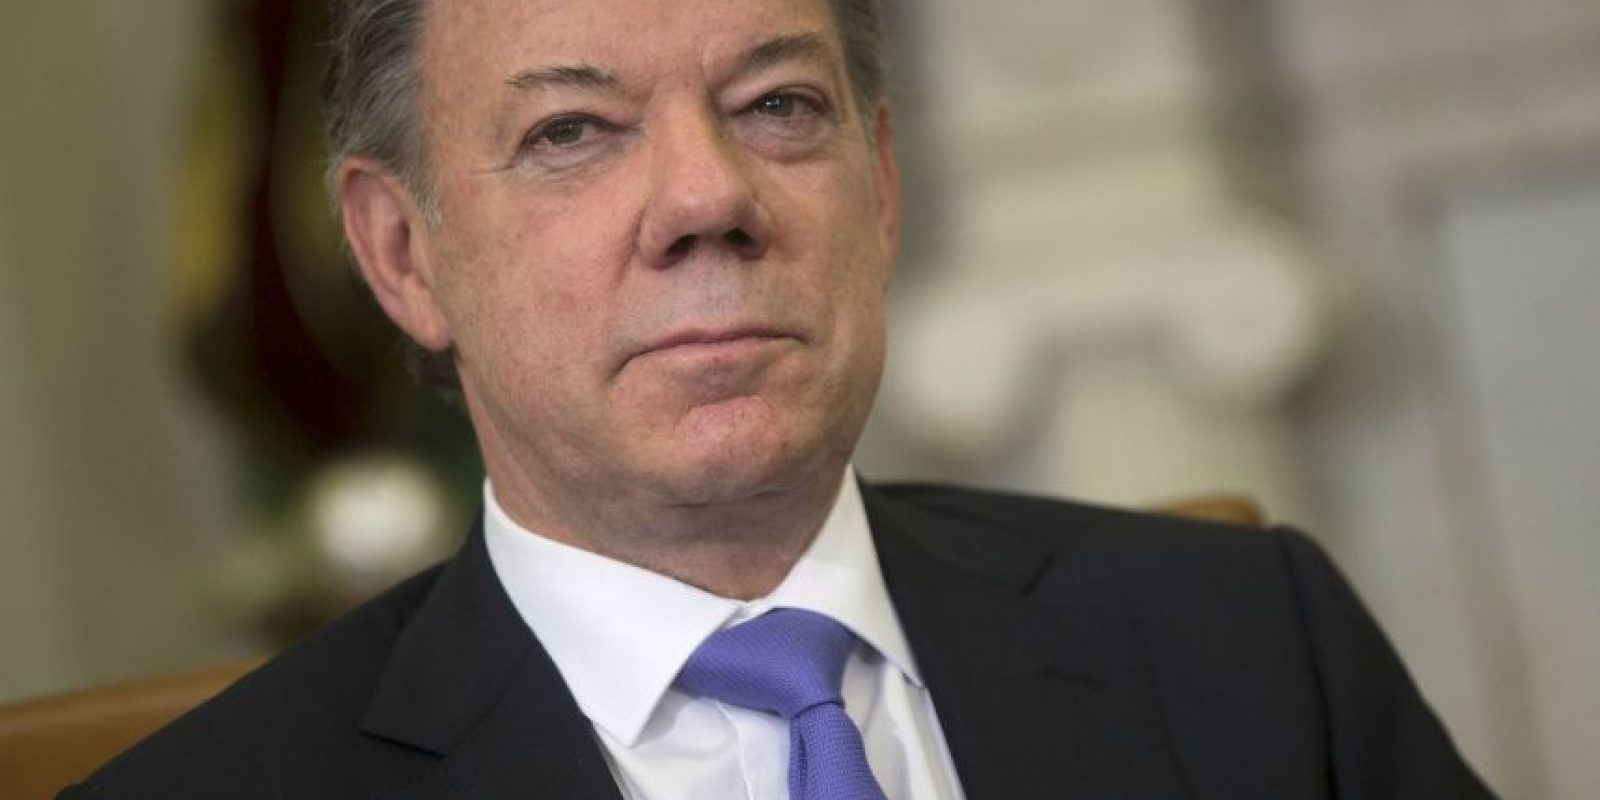 En 2010, el actual presidente de Colombia reconoció haber fumado la hierba en la década de los 70, cuando estudiaba en Estados Unidos Foto:Getty Images